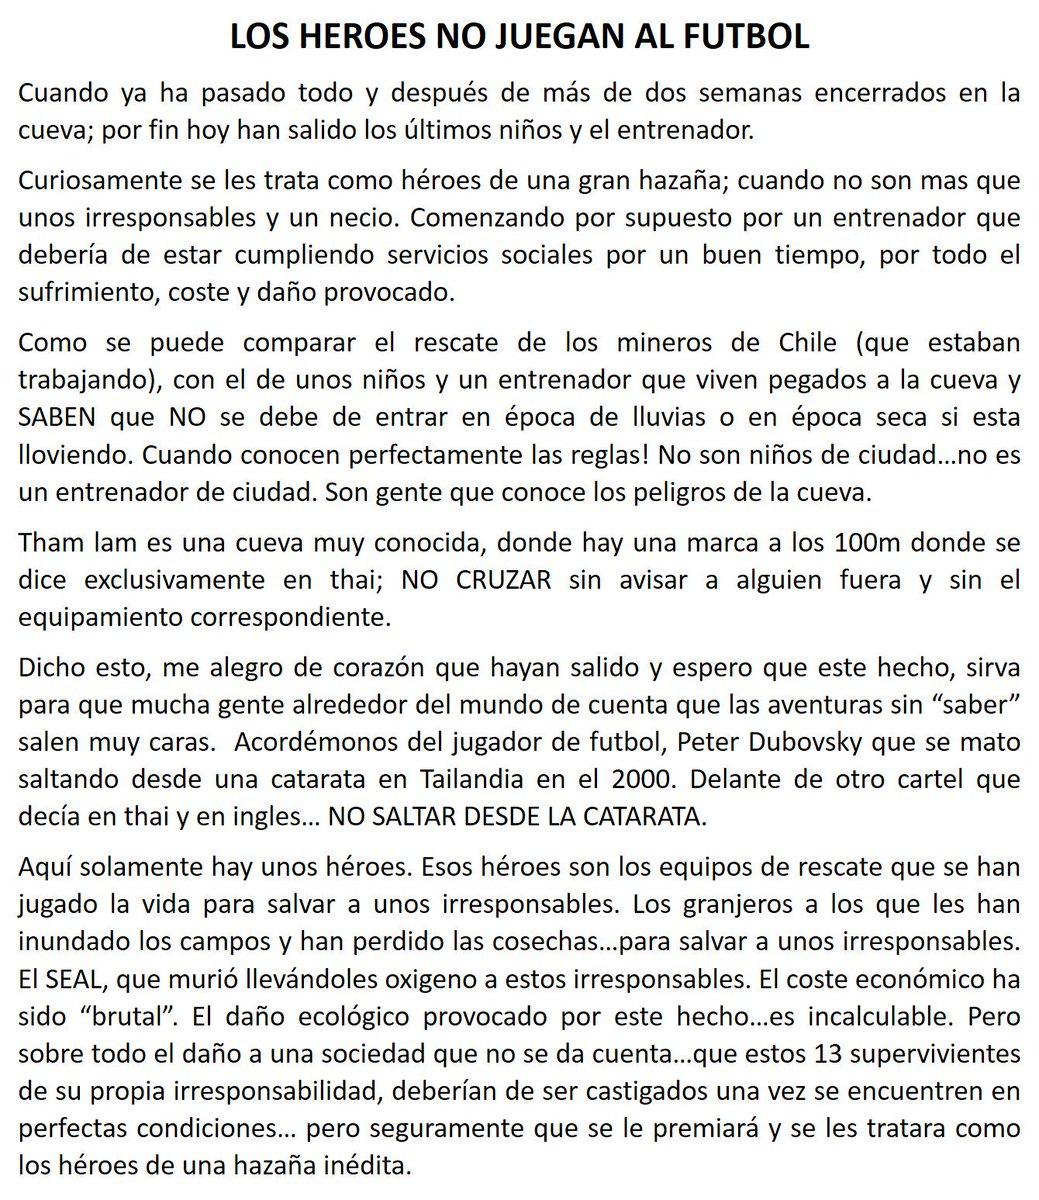 Selección Española de Fútbol on Twitter